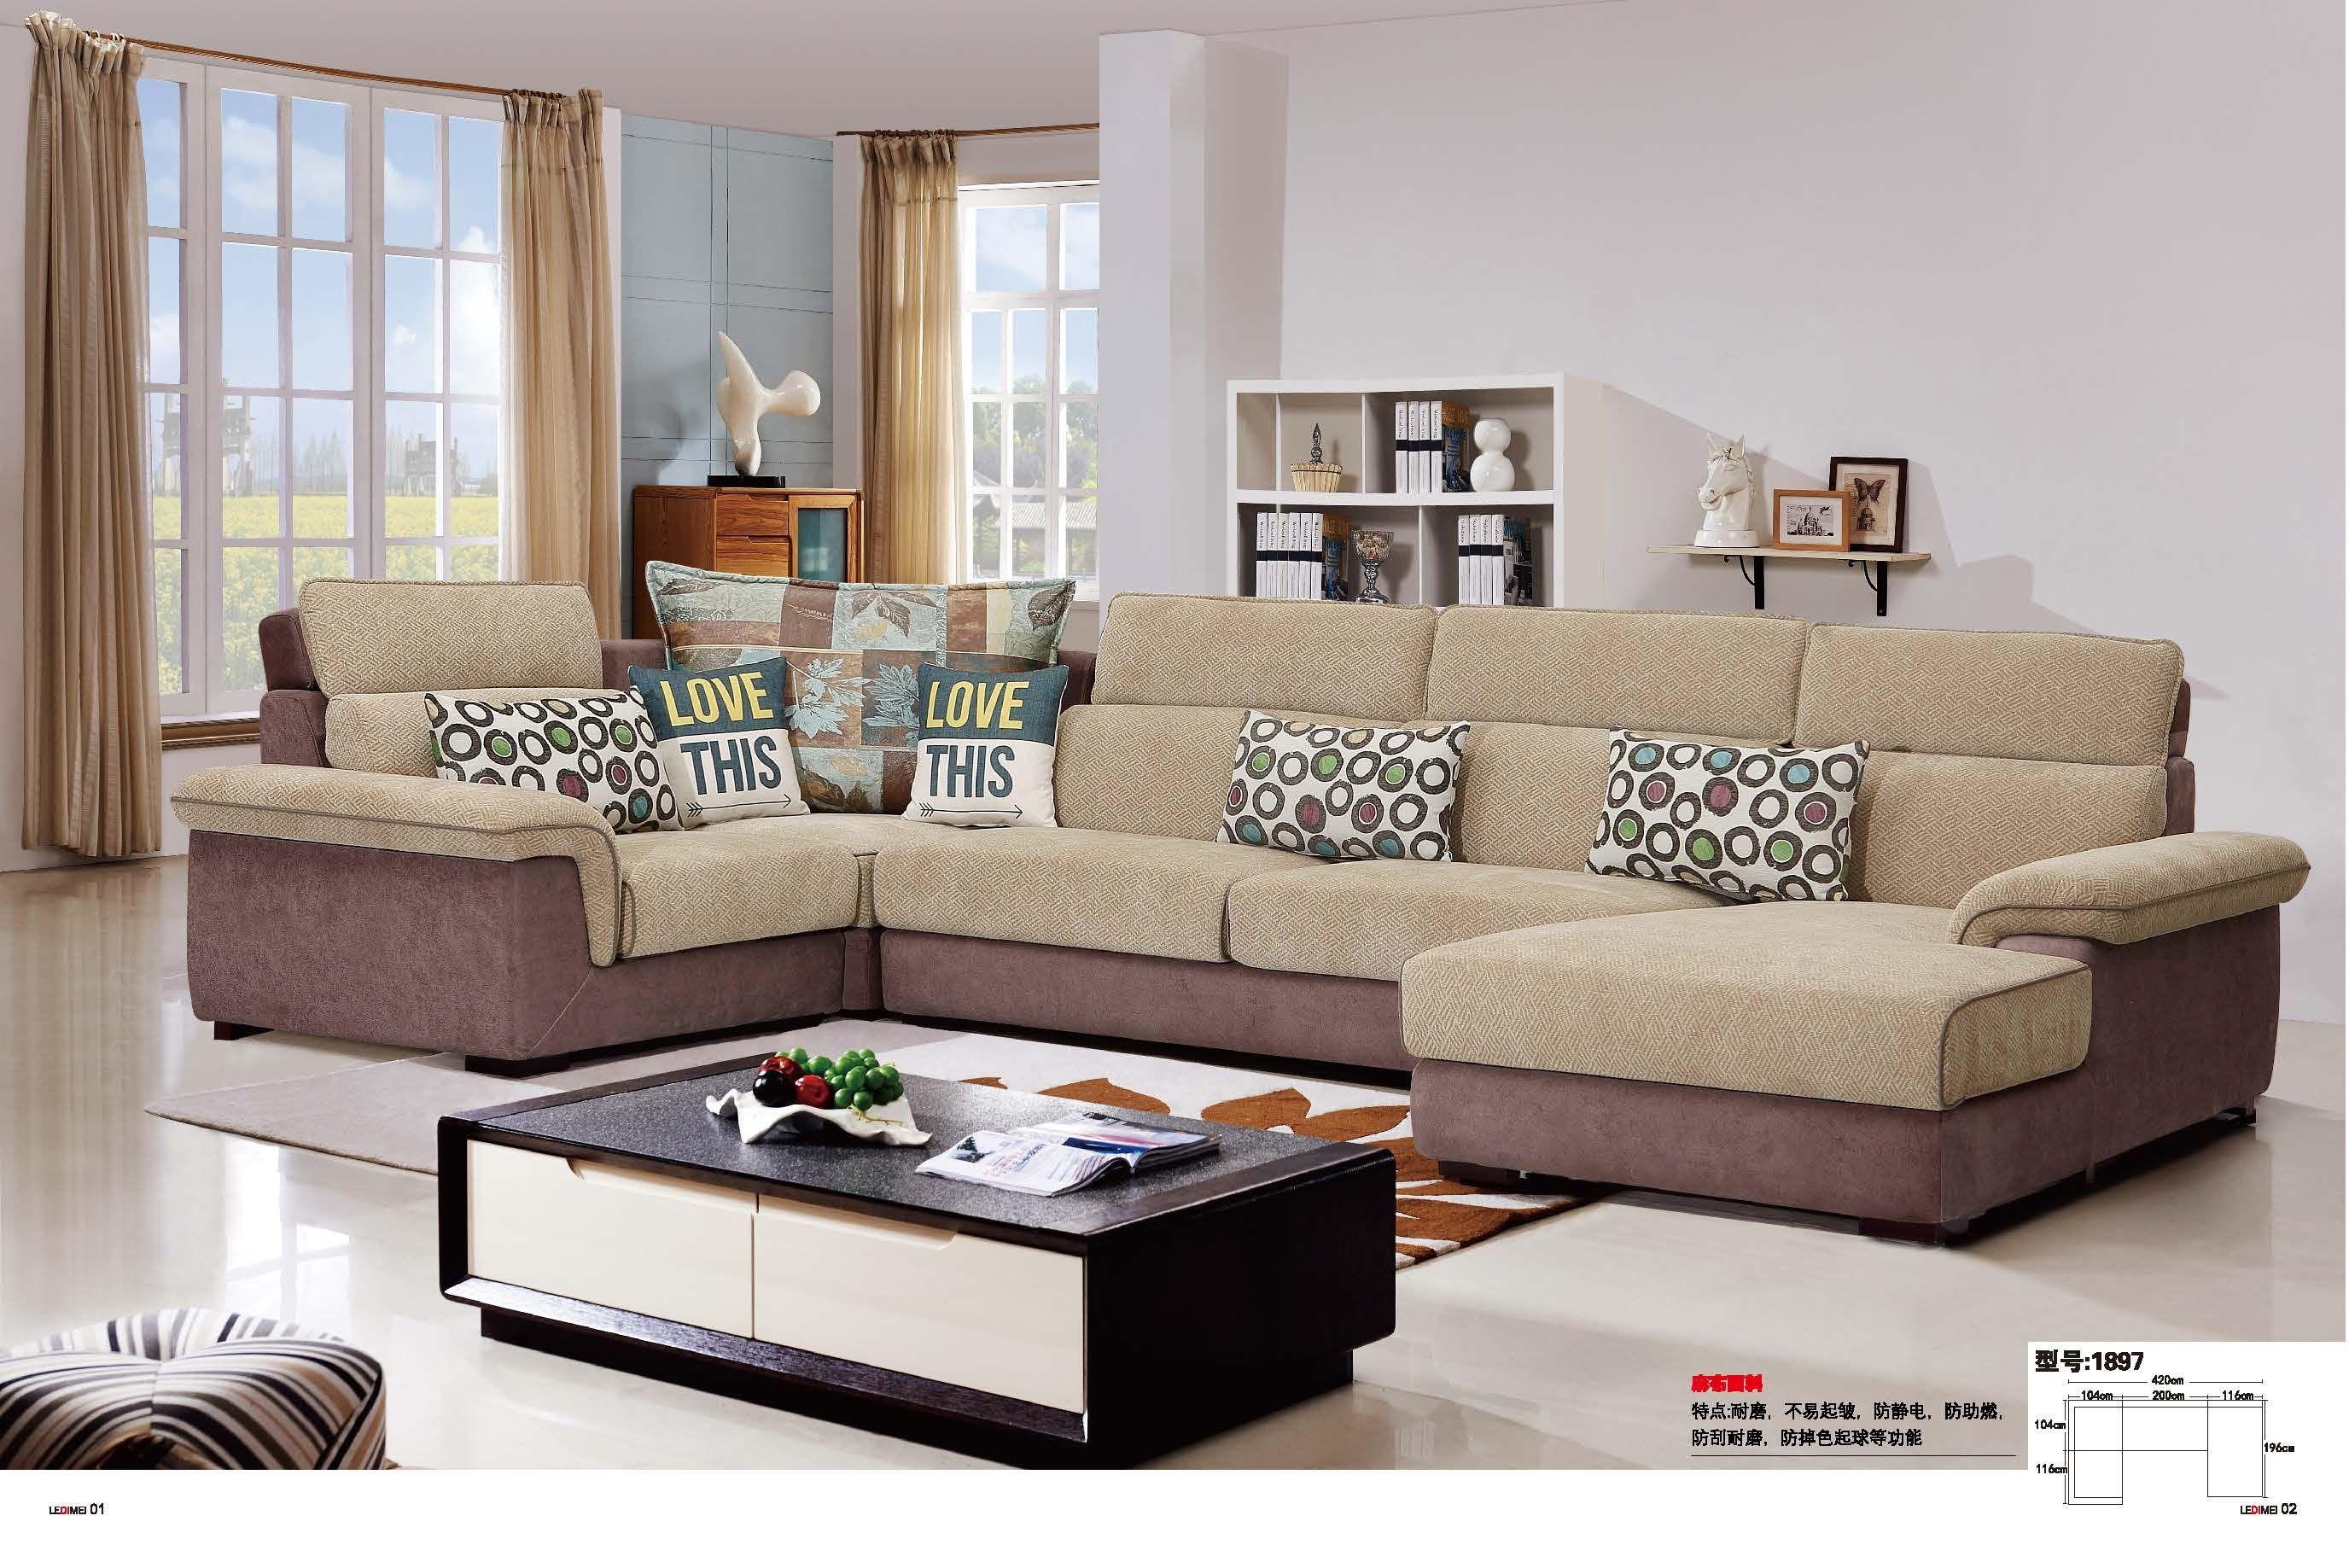 Großhandel Modernes Wohnzimmer Stoff Sofa U Form Abschnitt Anti  Bakteriellen Stoff Komfortabel Weichen Stoff Sofa Set Von Wlnsfurniture,  $899.5 Auf De.